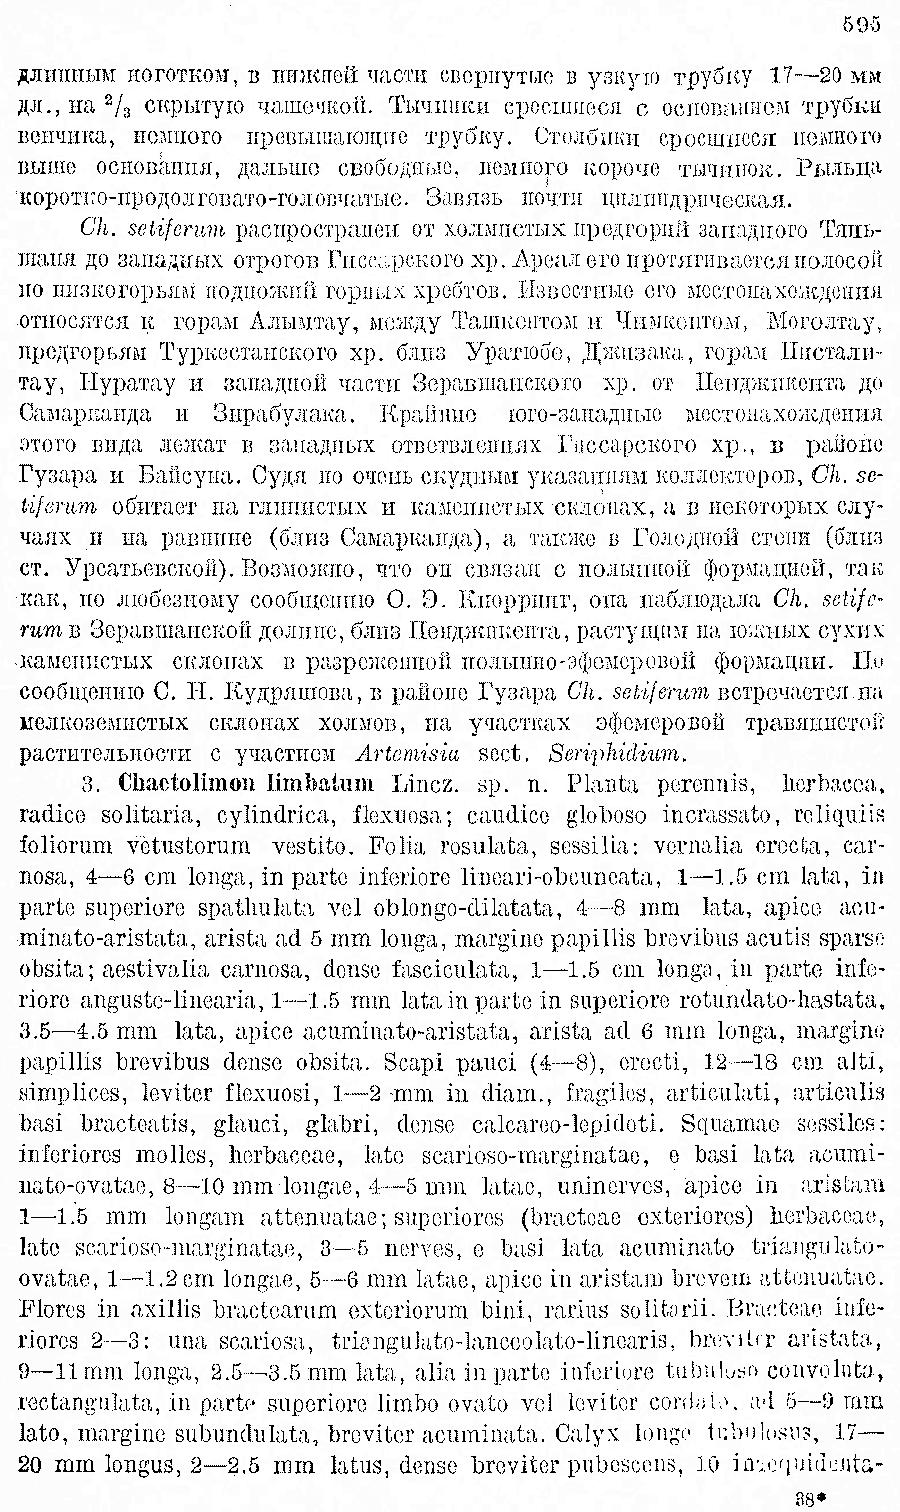 https://forum.plantarium.ru/misc.php?action=pun_attachment&item=28435